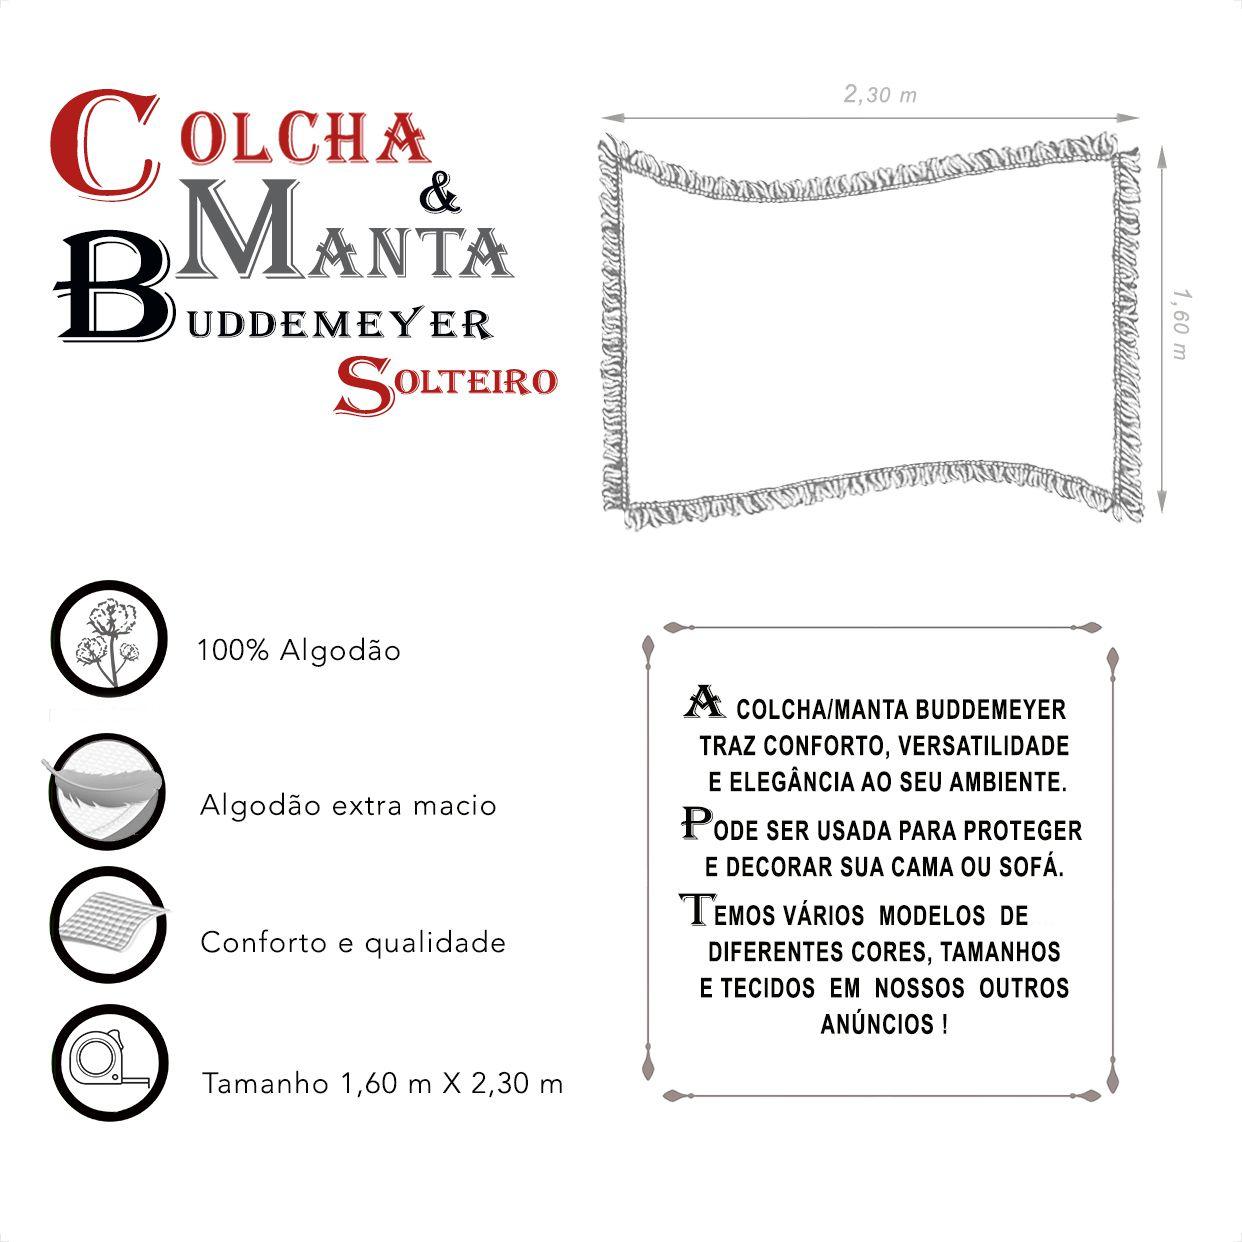 Manta e Colcha Buddemeyer Solteiro (1,60m x 2,30m)